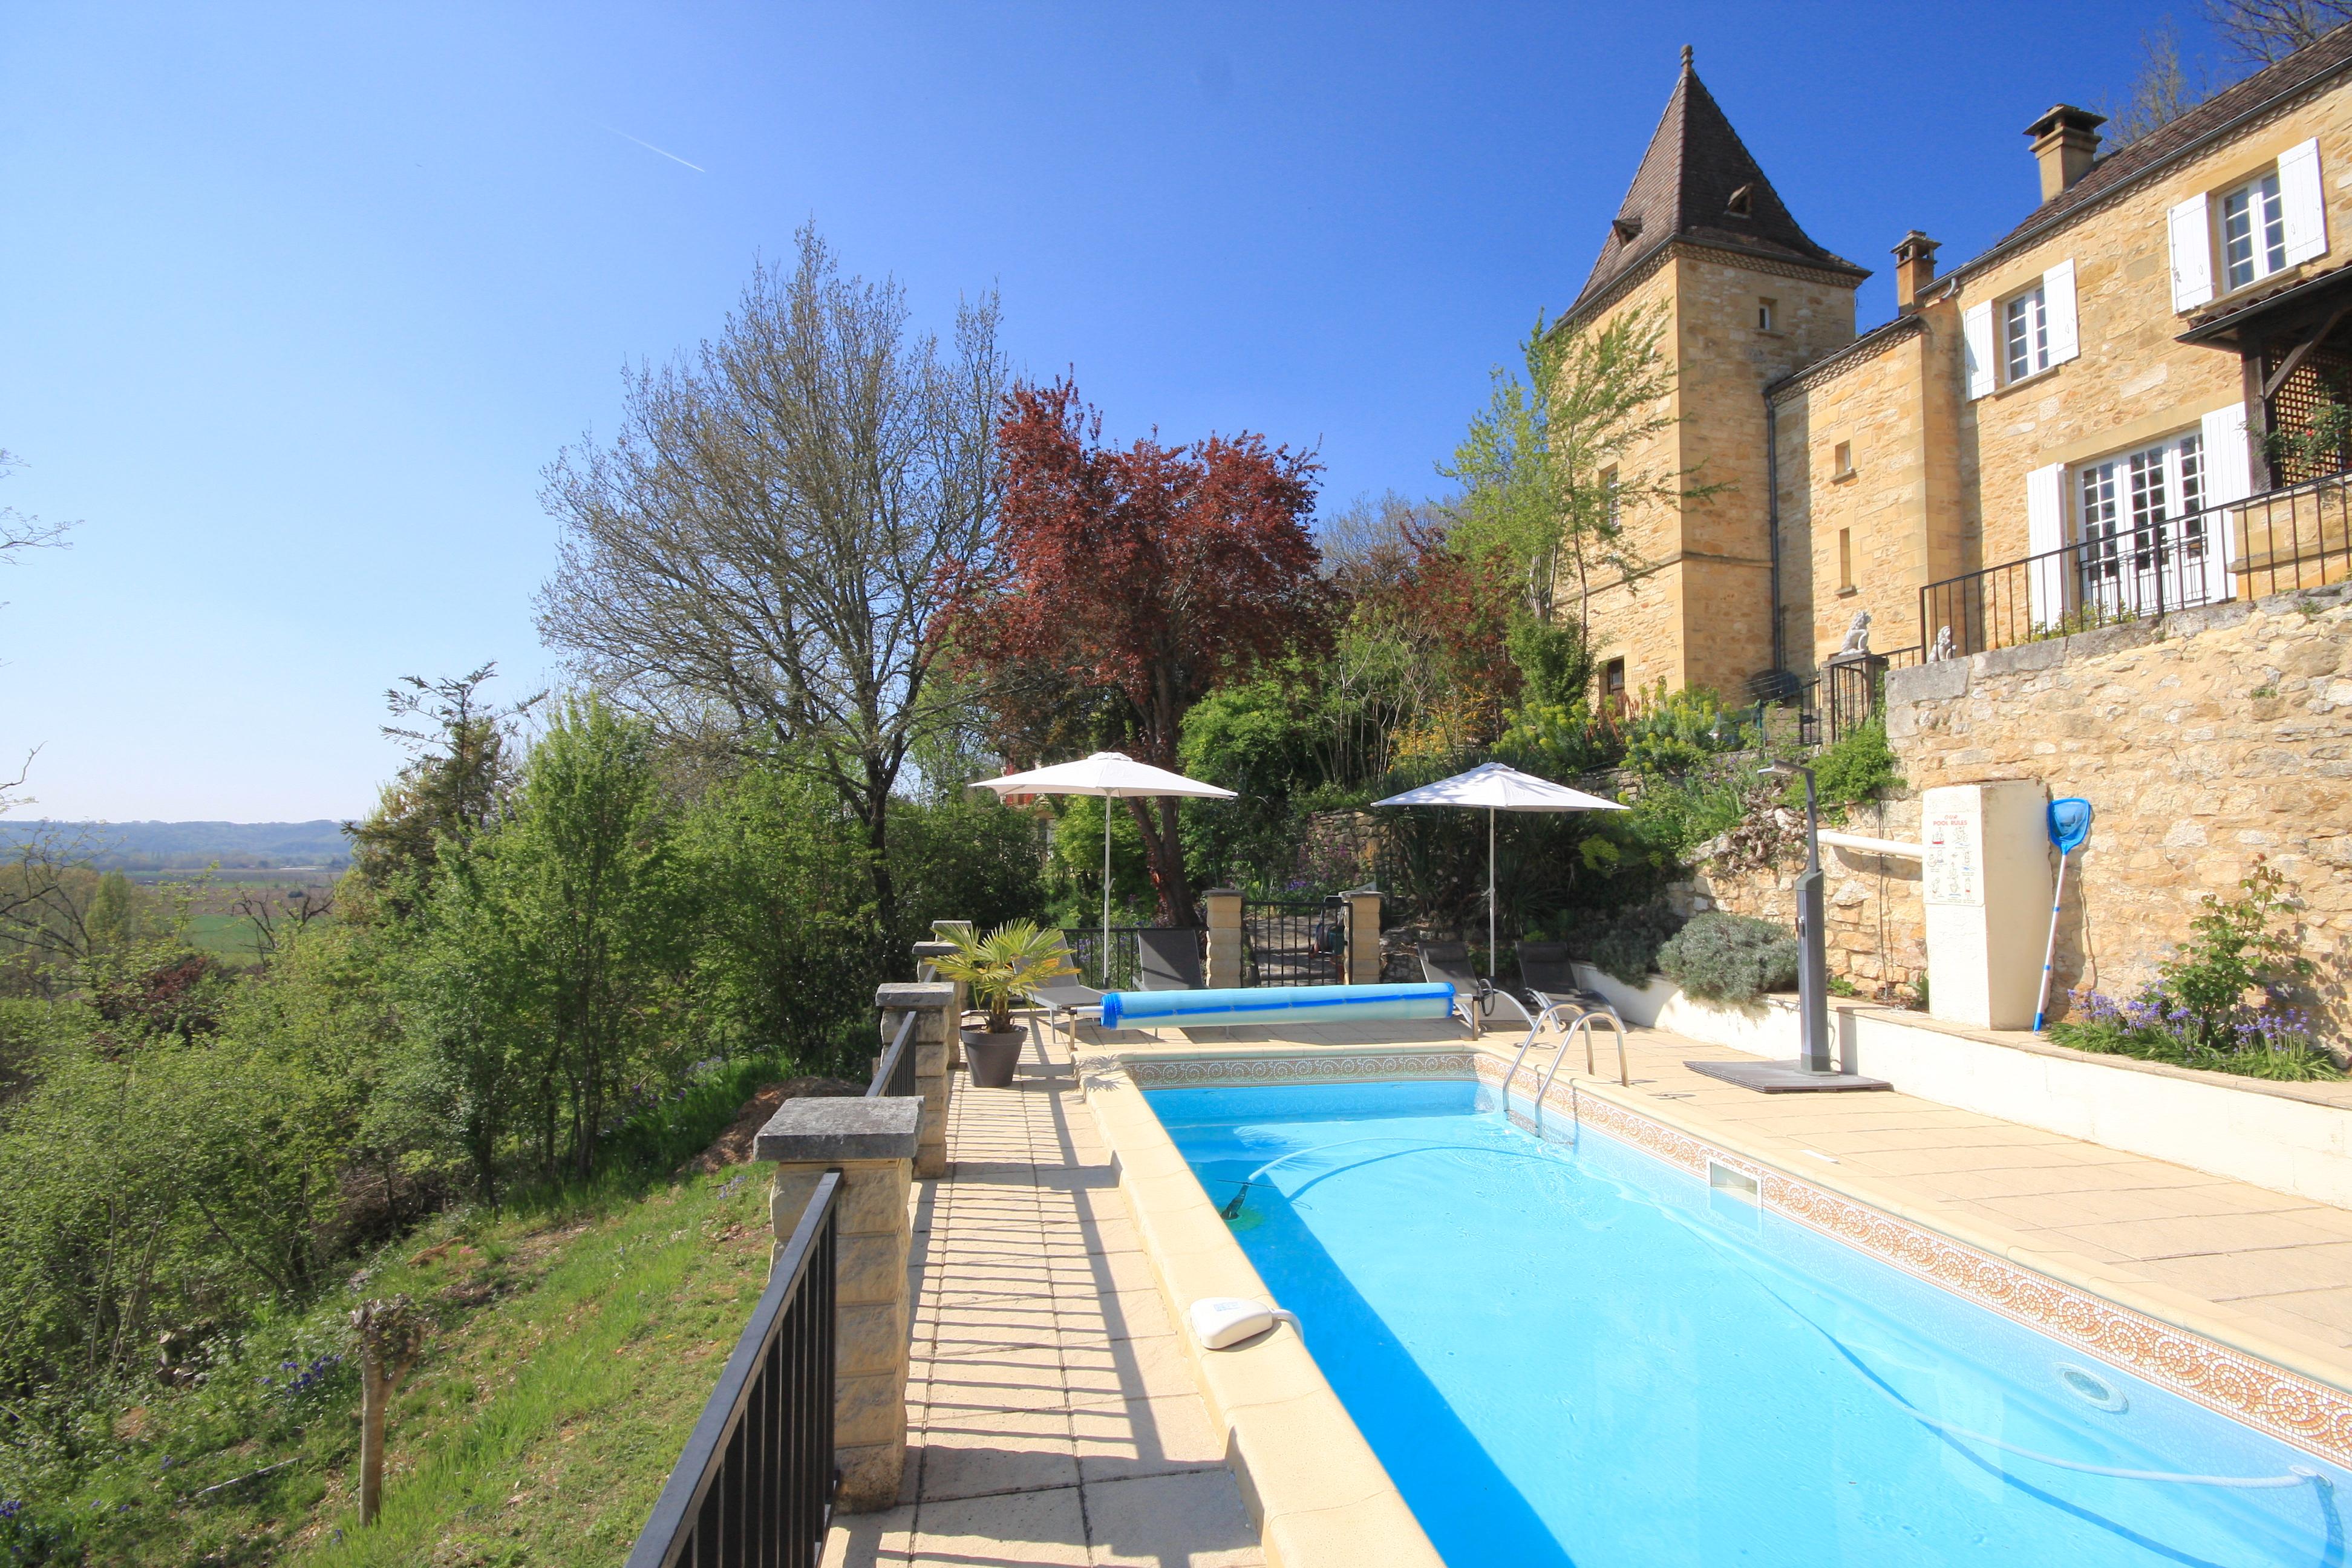 Dordogne villa outdoor pool